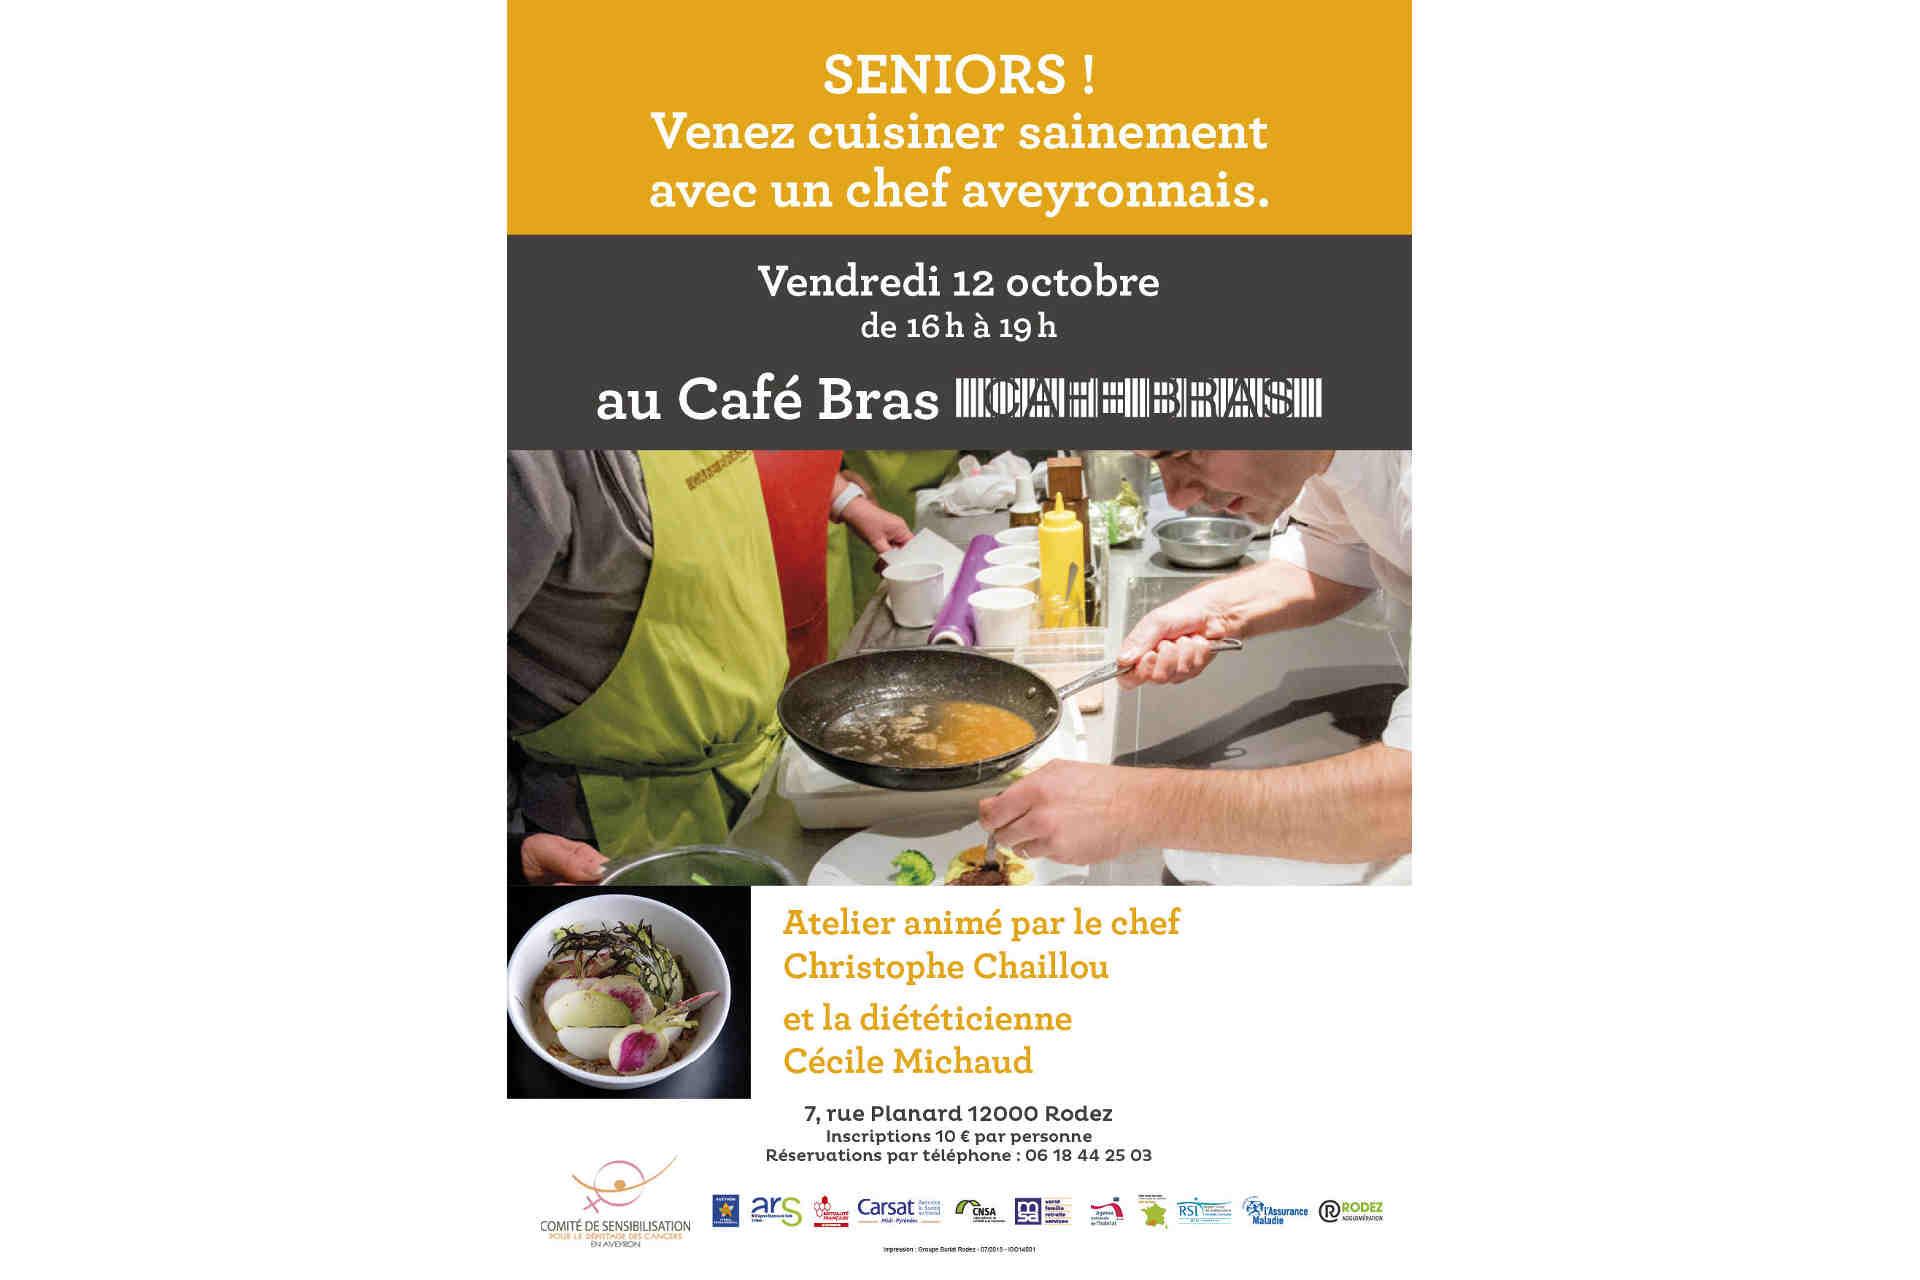 Atelier-cuisine-cafe-bras-chaillou-cecile-michaud-rodez